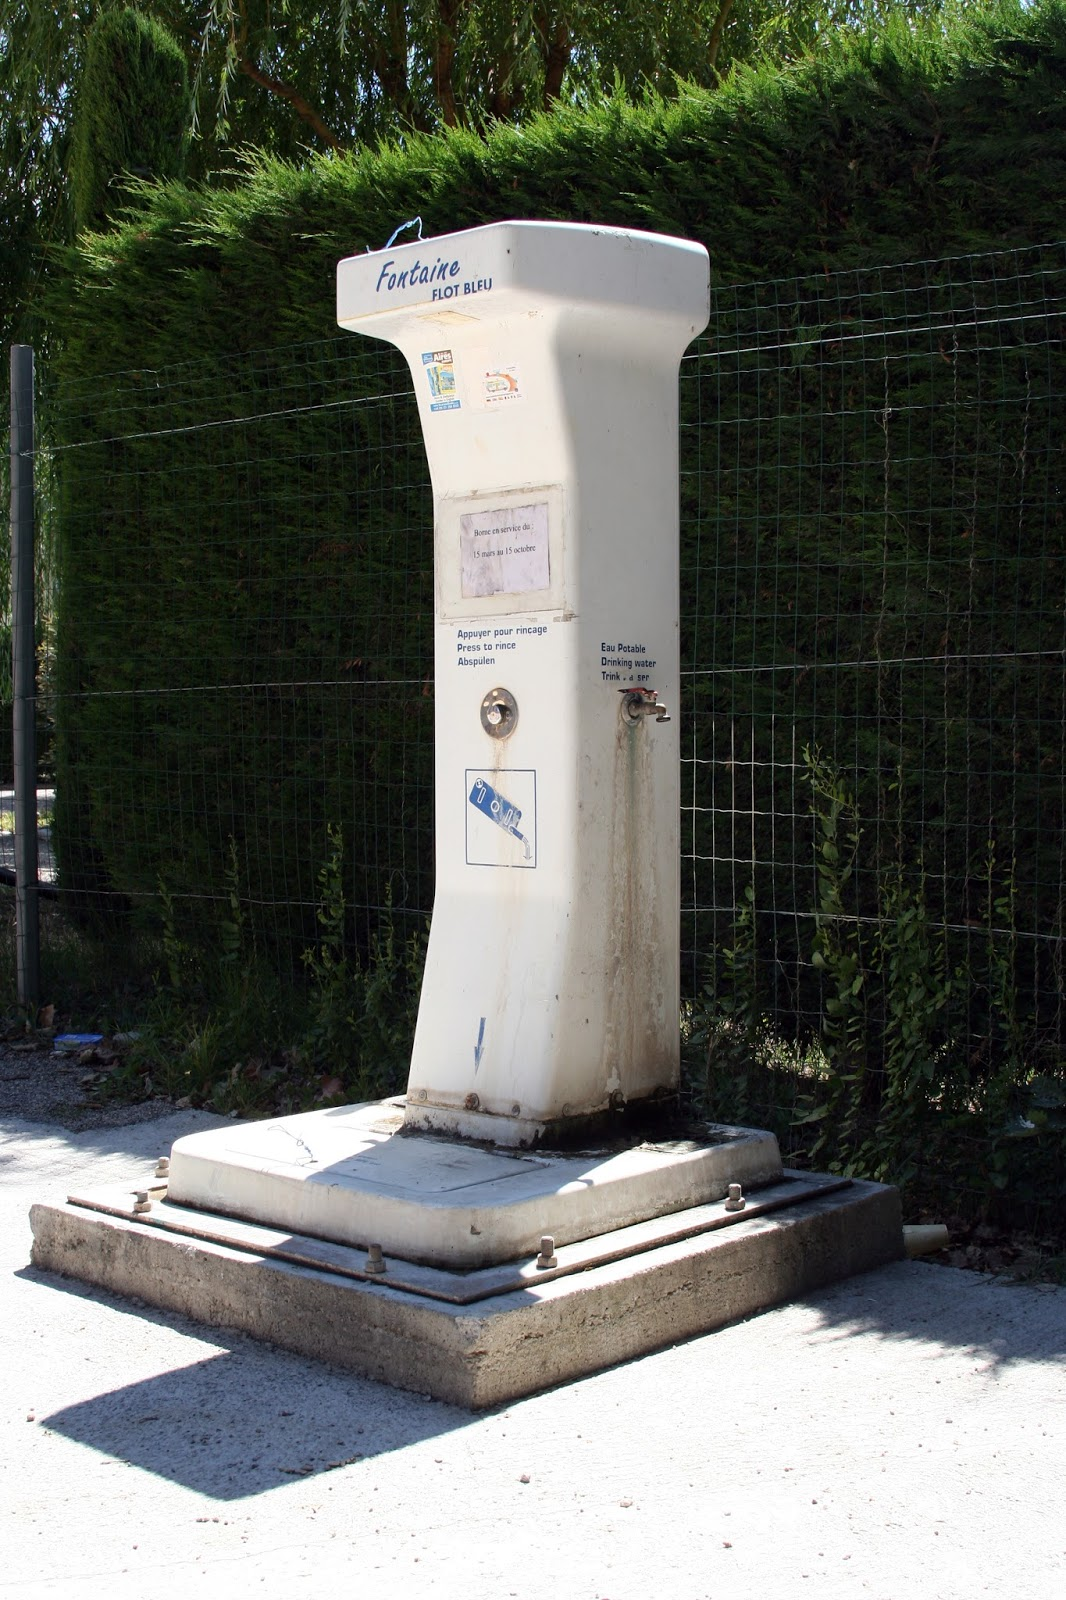 Das Bordbuch Blog: So einfach bleibt Trinkwasser haltbar